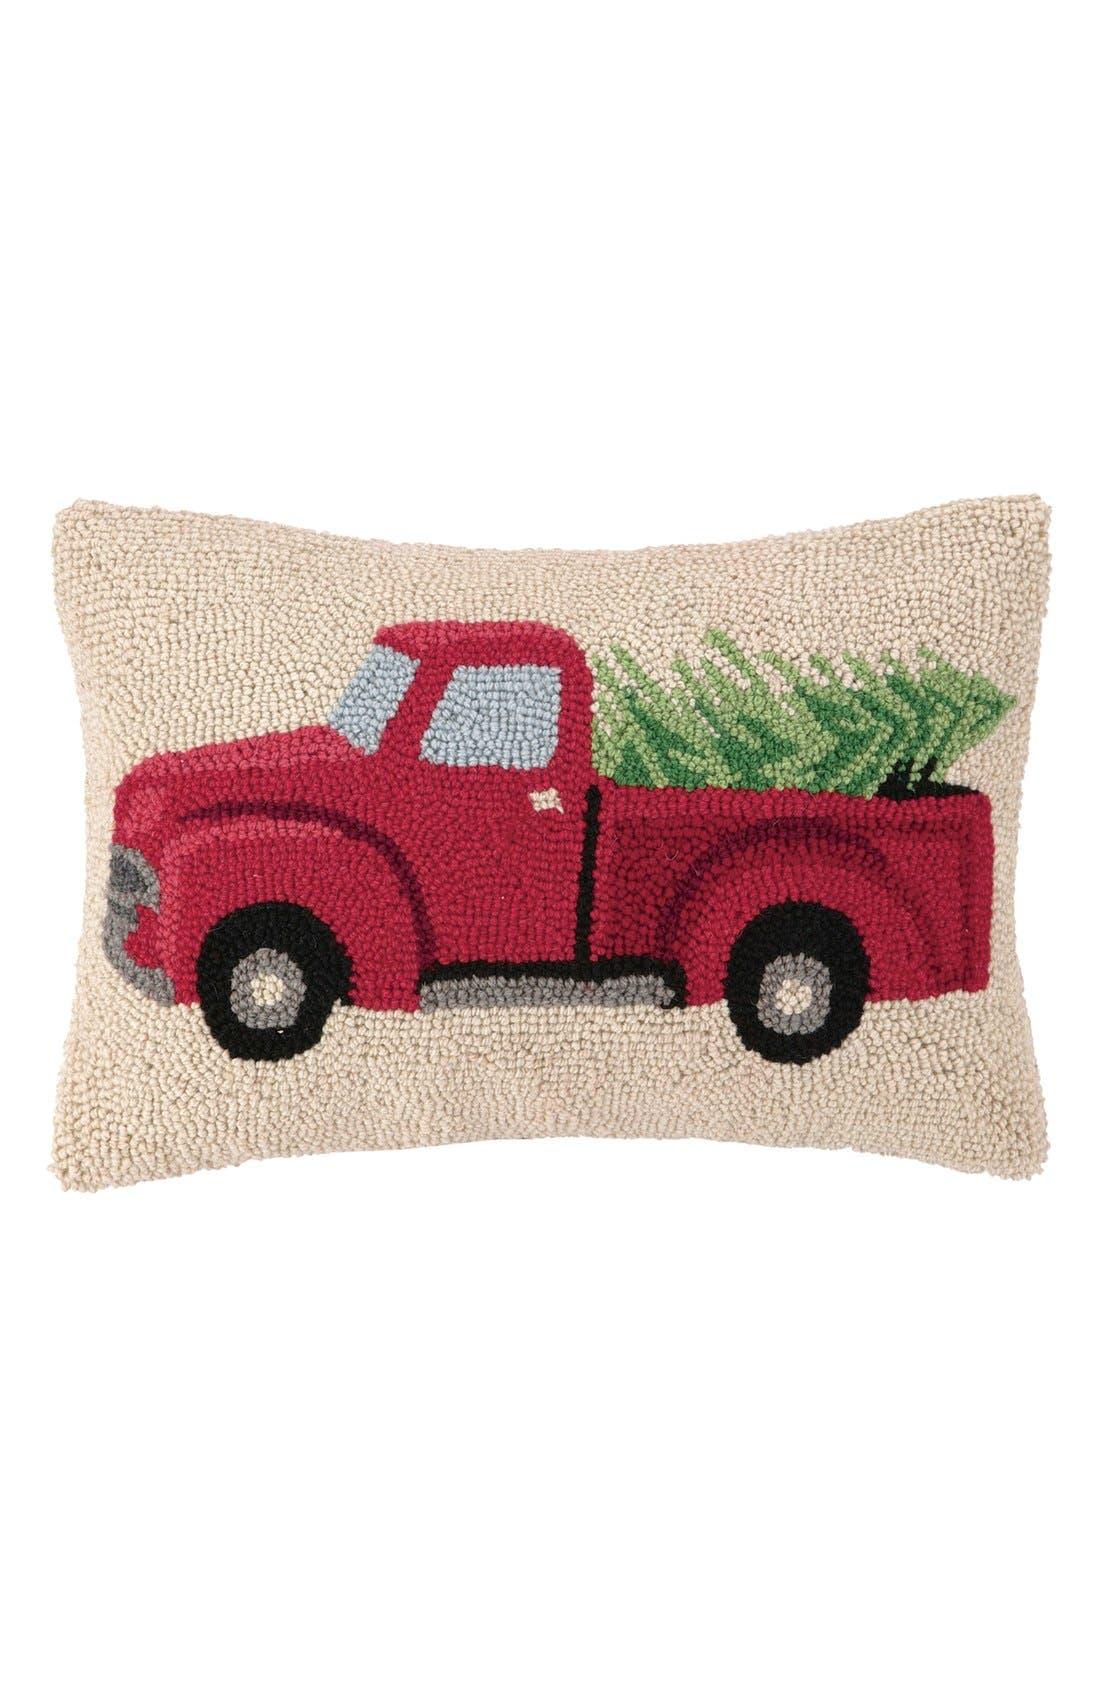 Main Image - Peking Handicraft 'Tree Truck' Pillow